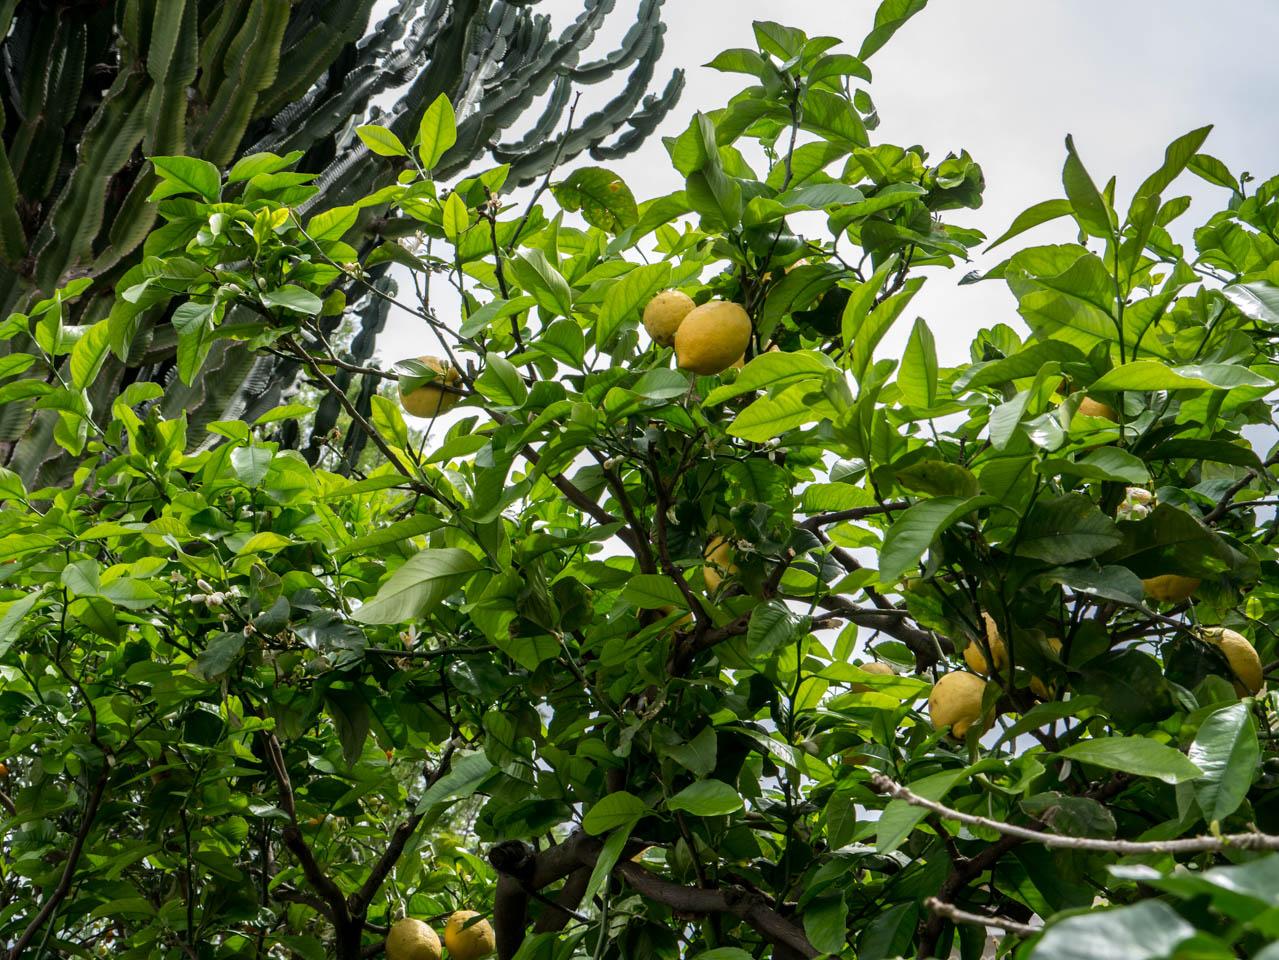 Zitronenbaum 2 (1 von 1)